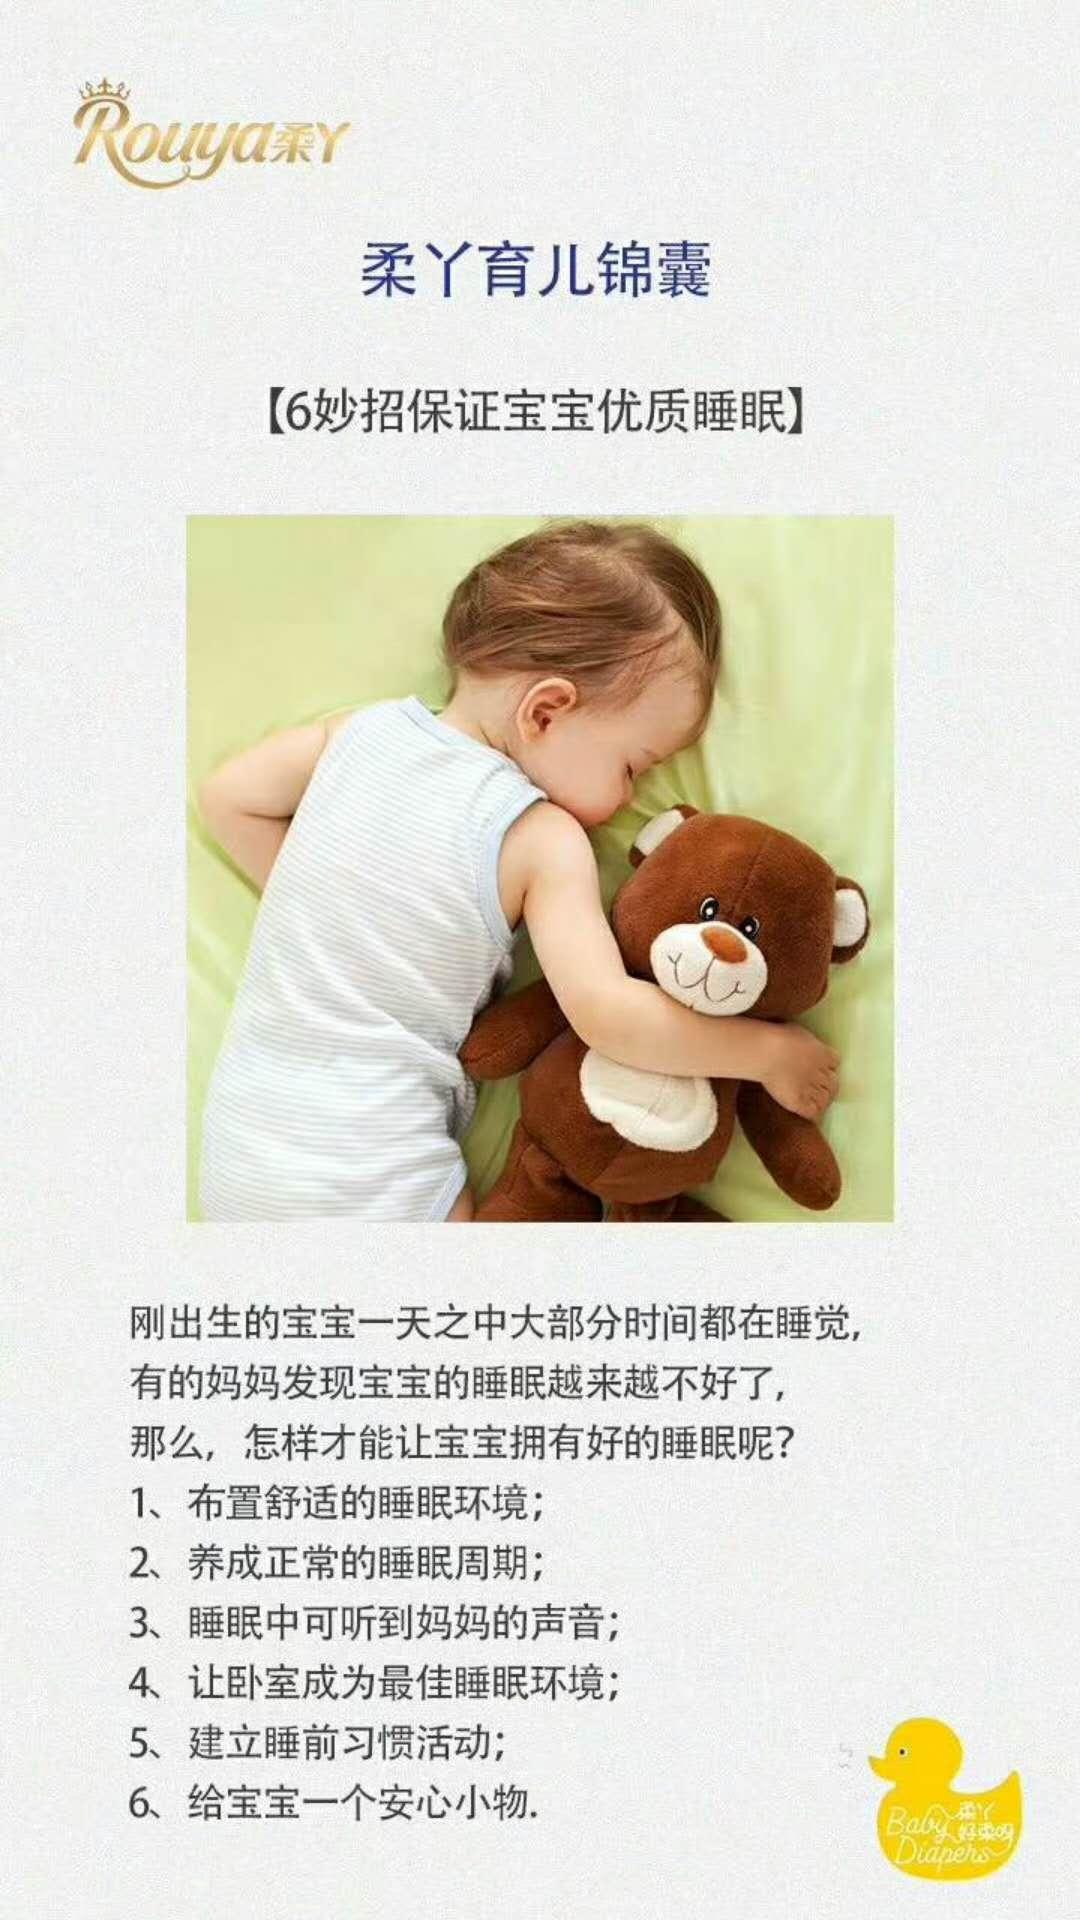 柔丫育儿锦囊-6个妙招保证宝宝优质睡眠